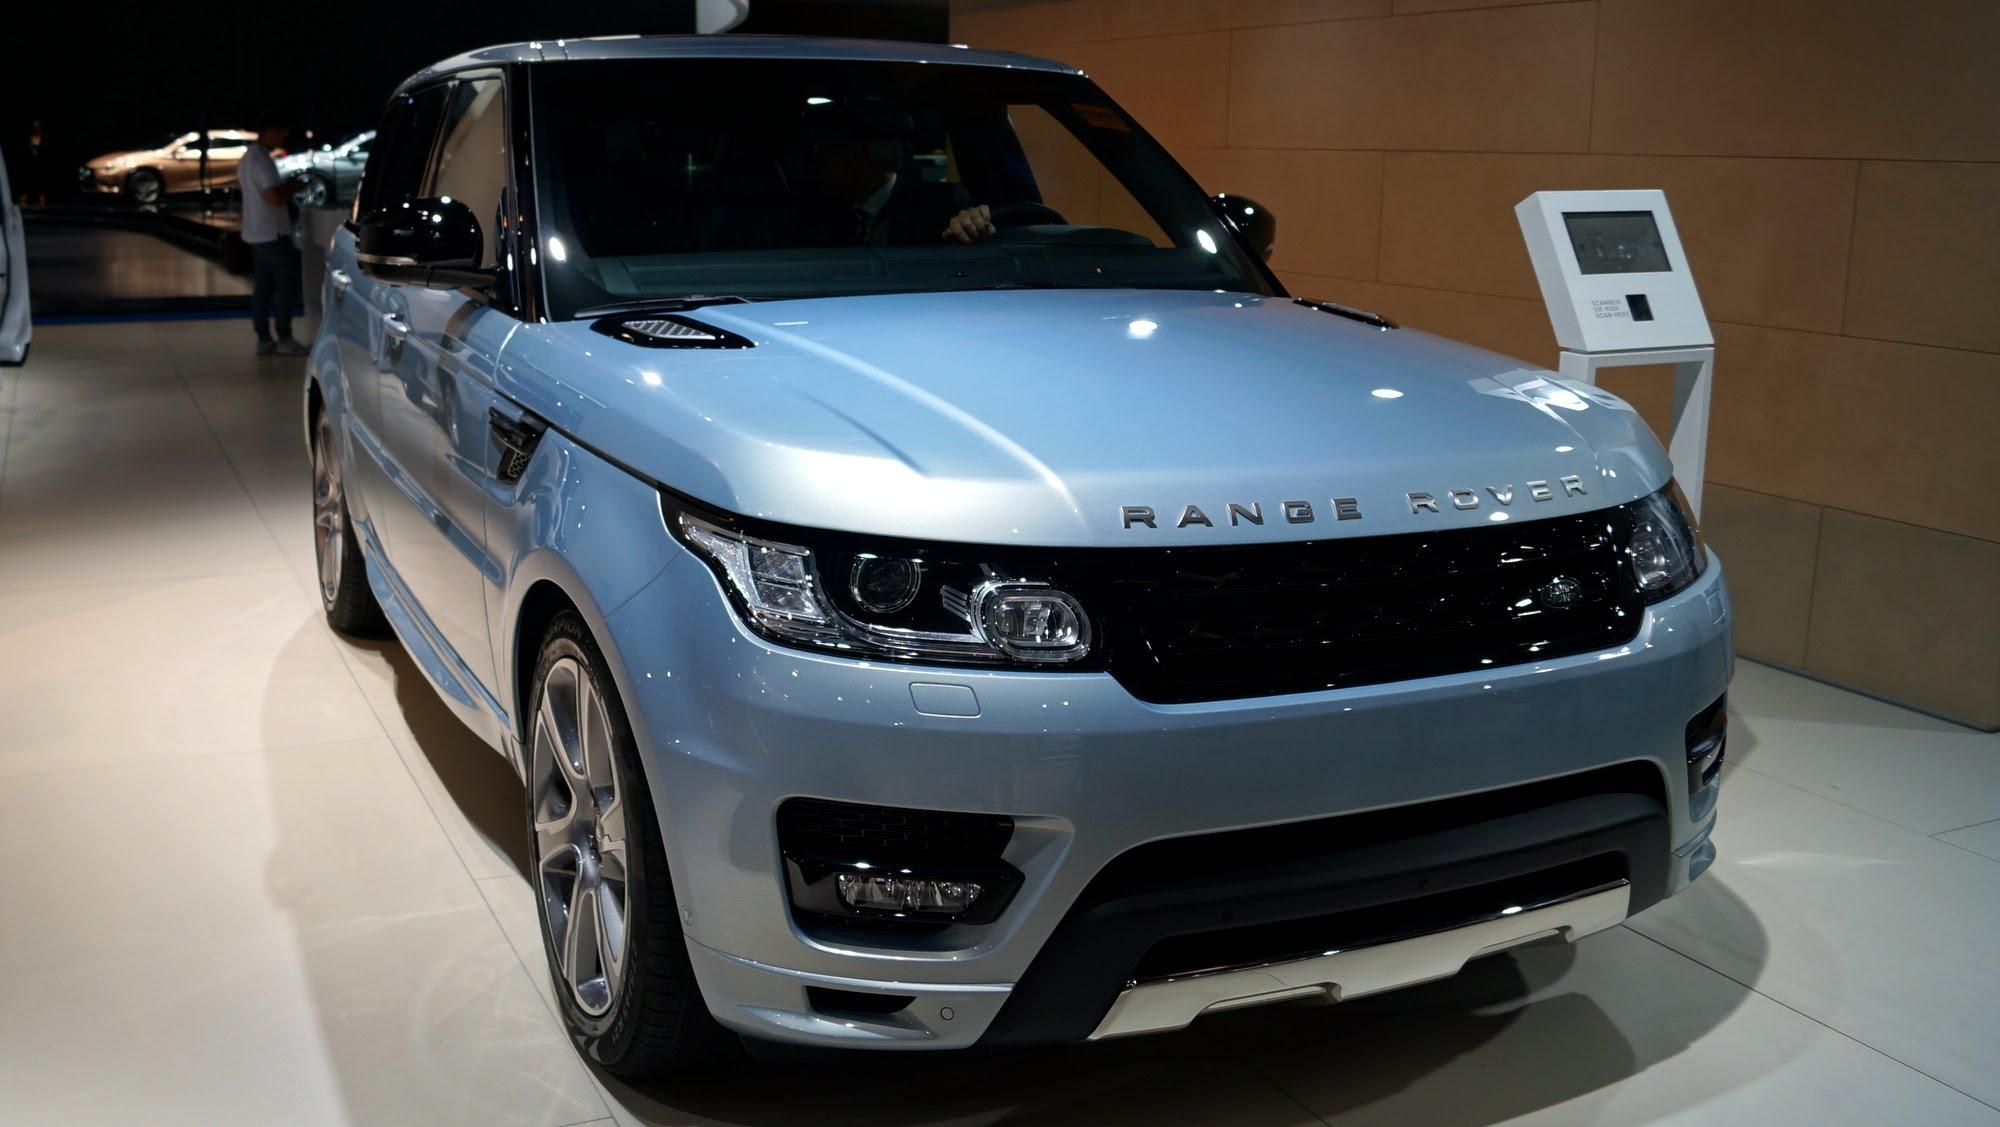 Fotos 360 del Range Rover Sport #VidePan en #IAA2015